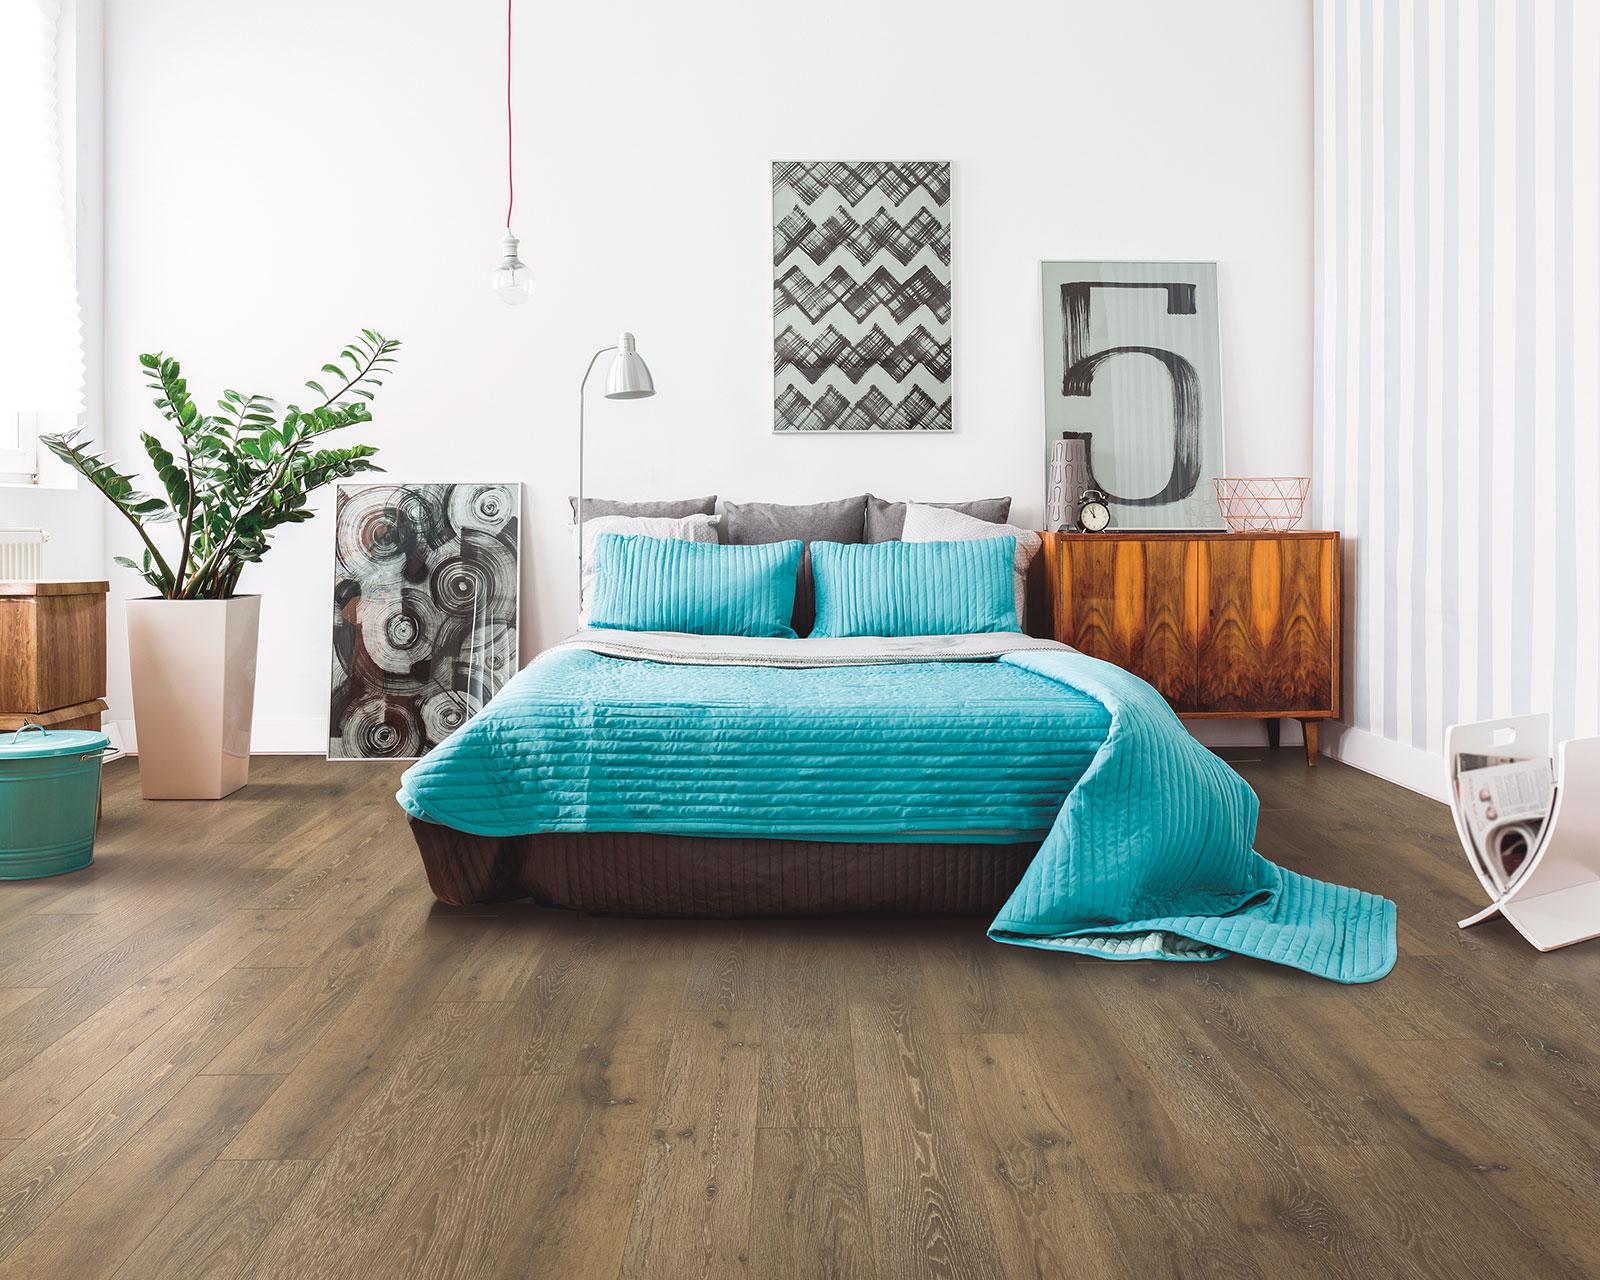 Bedroom flooring | Dalton Flooring Outlet